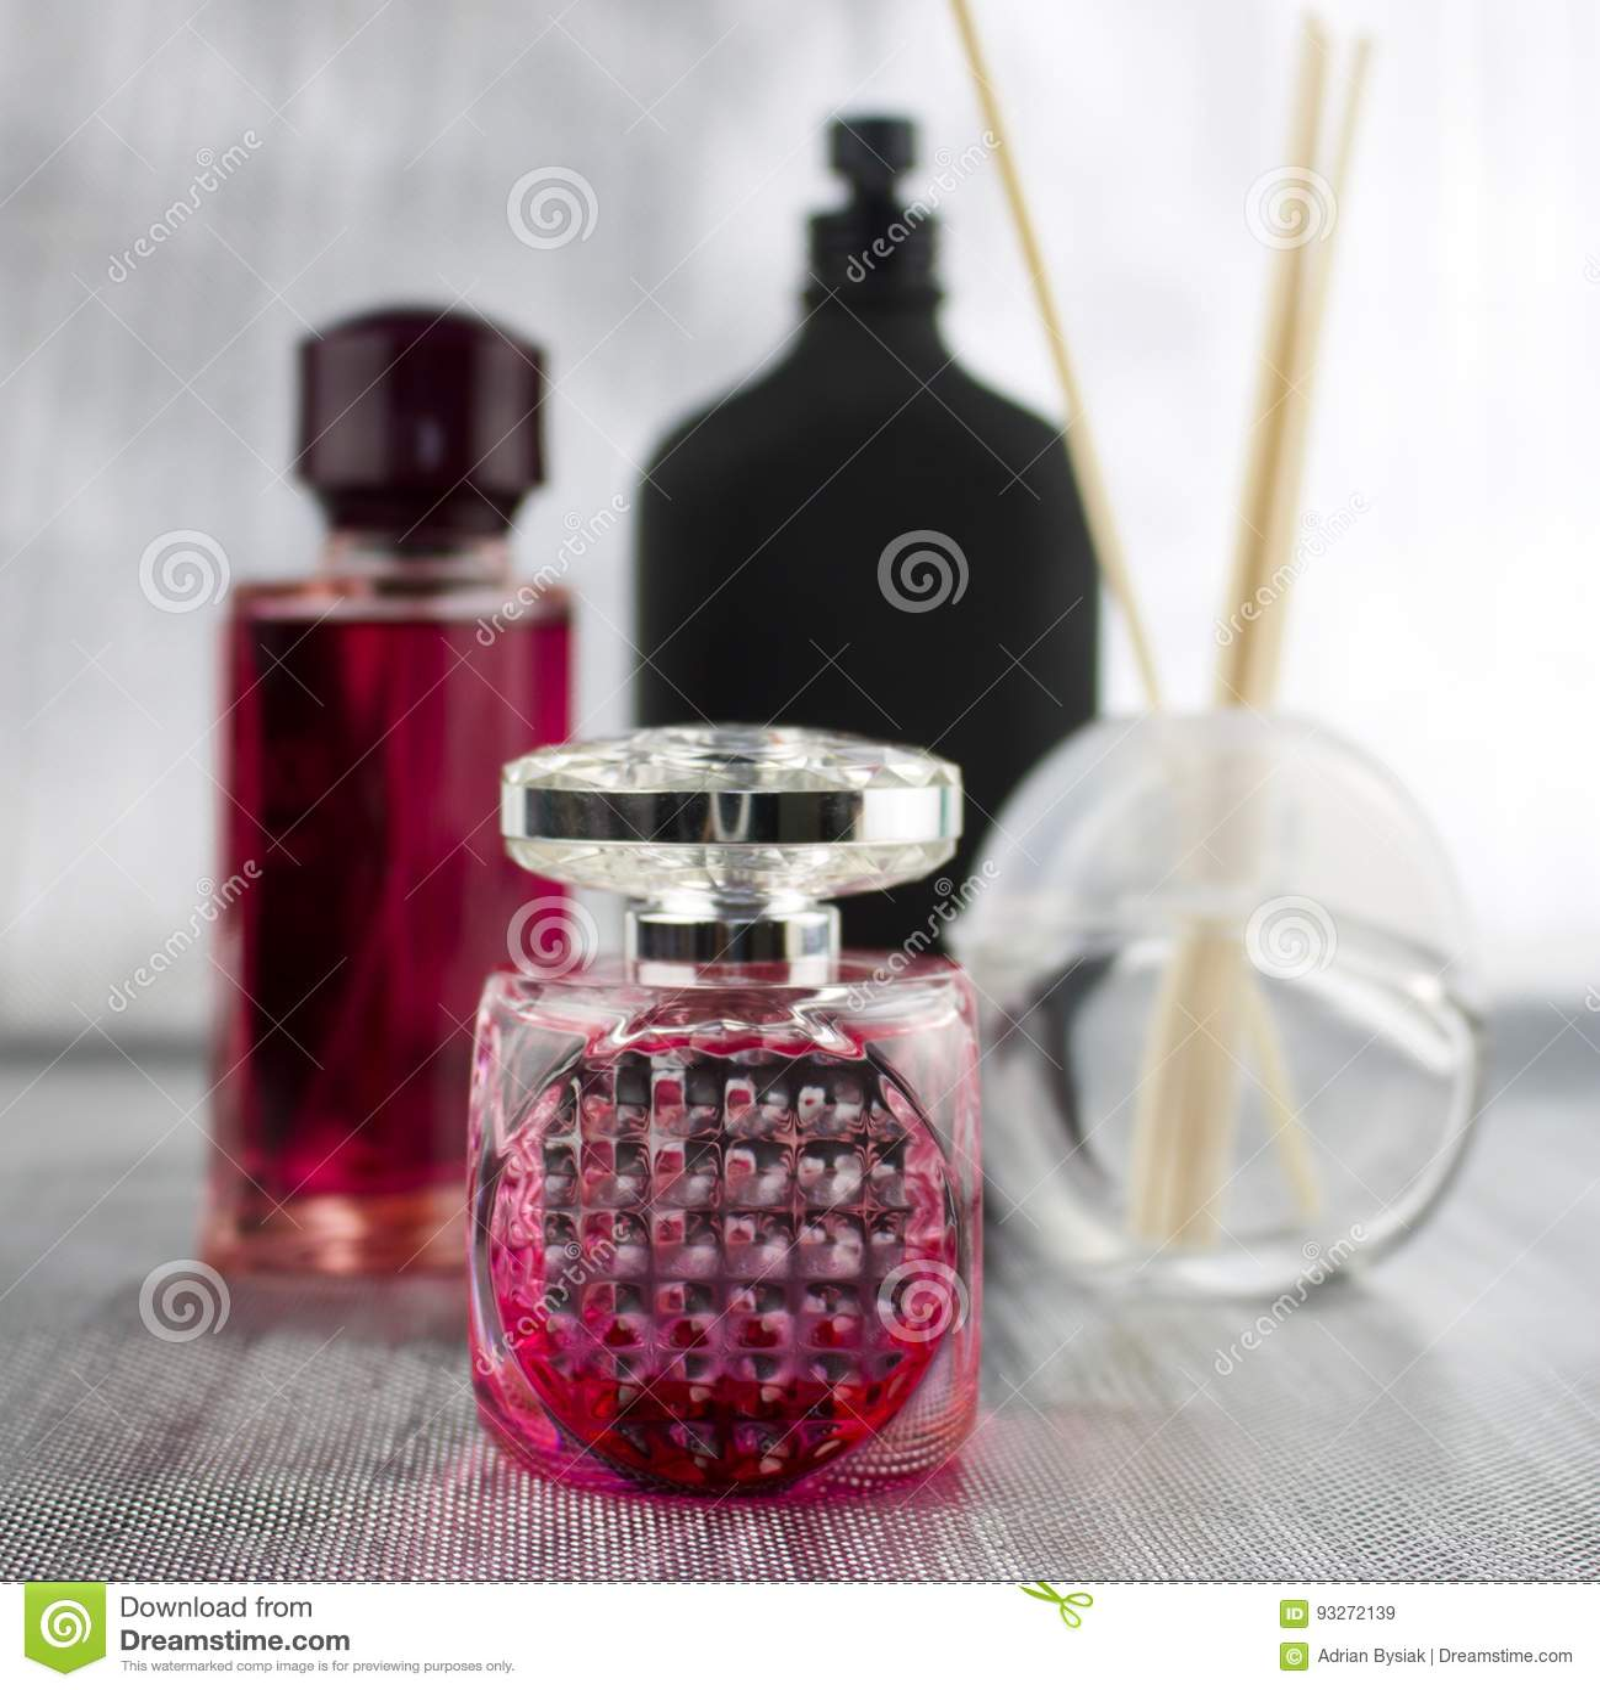 Rosa parfümiert Zusammensetzung